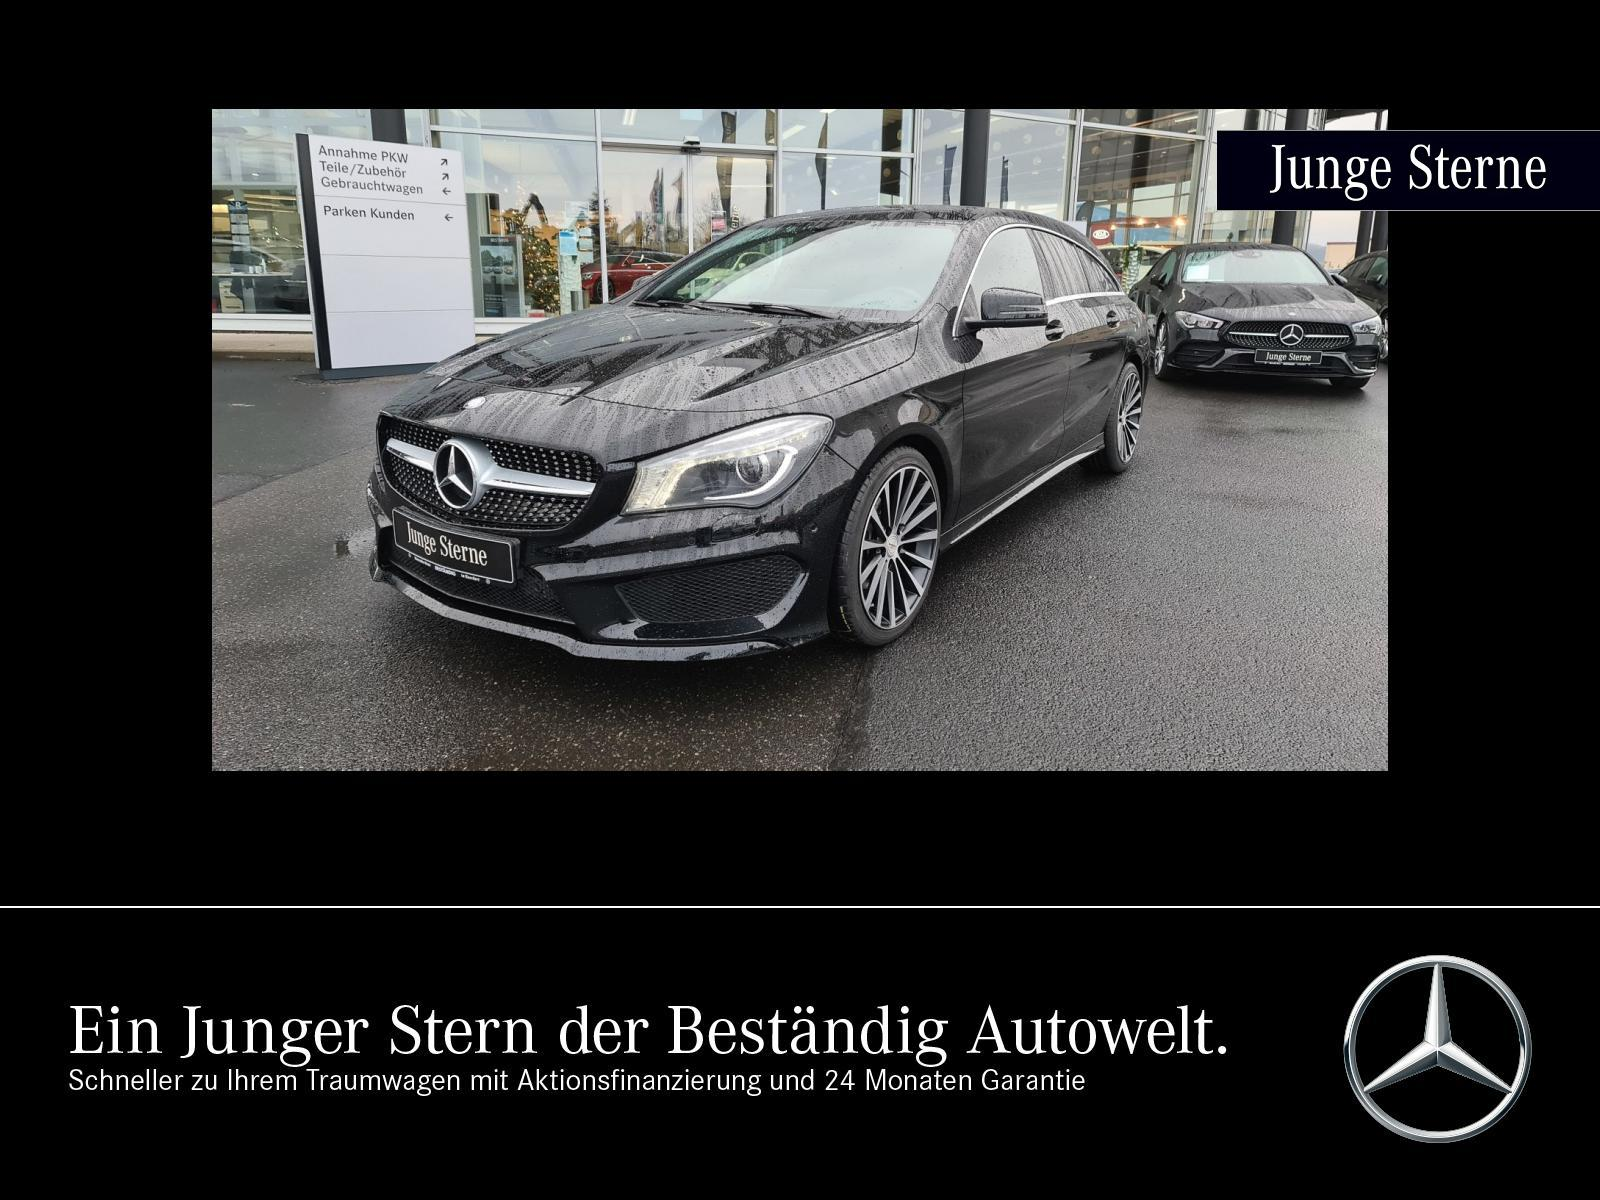 Mercedes-Benz CLA 200 Shooting Brake AMG Line +NAV+KLIMA+SHZ, Jahr 2015, Benzin